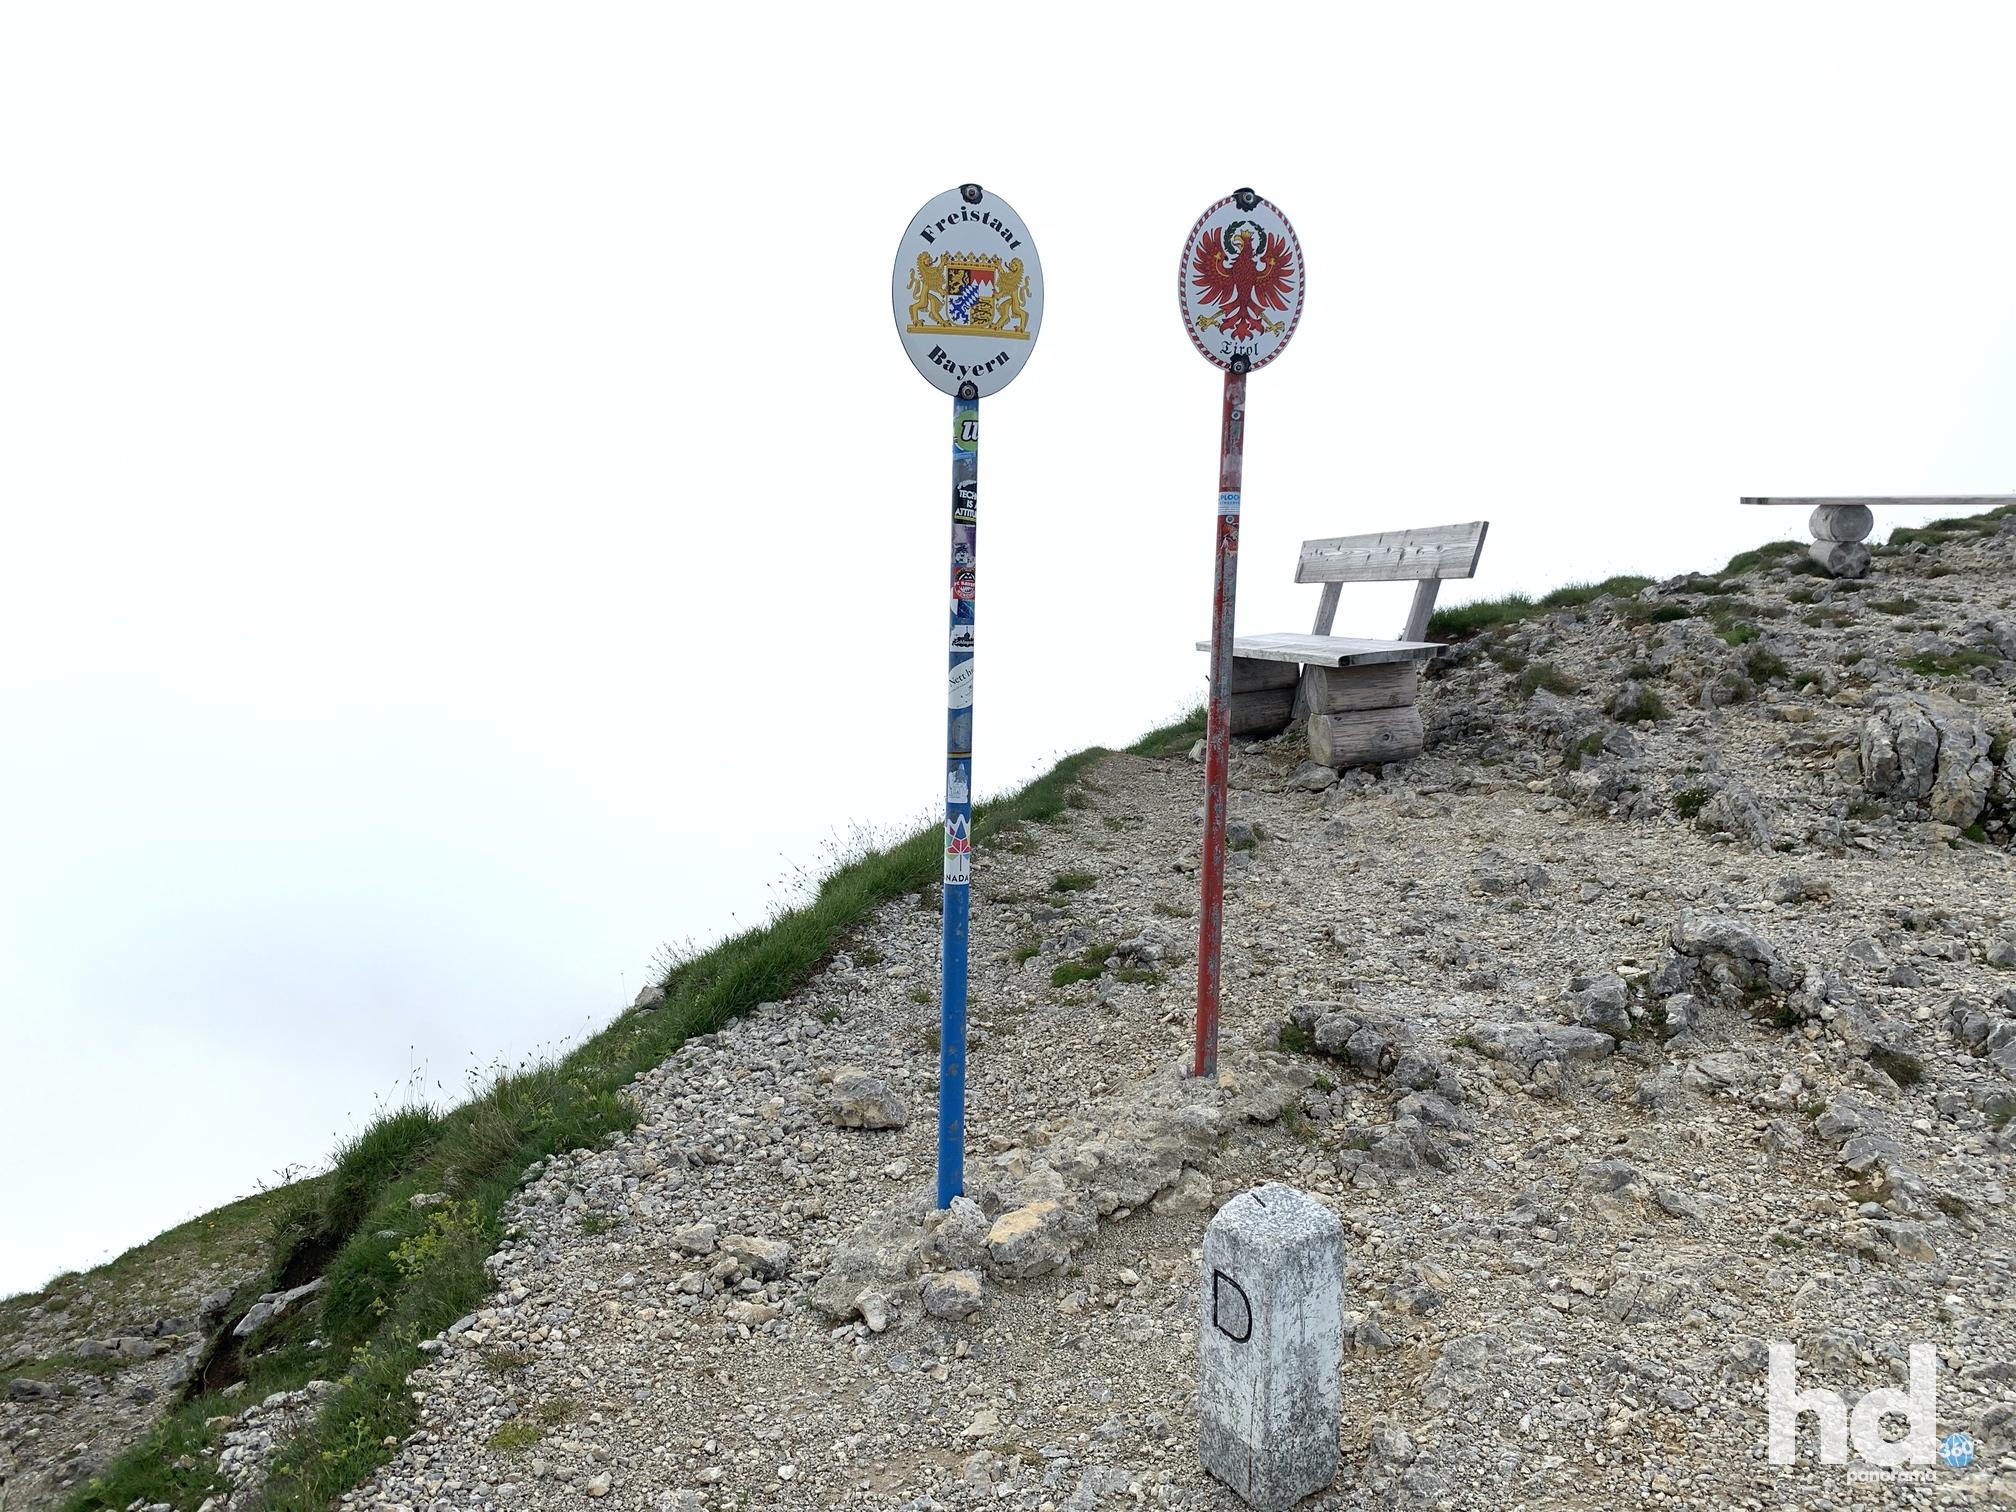 Westlicher Karwendelspitz - Grenzverlauf Deutschland - Österreich, Foto © HD-Panorama